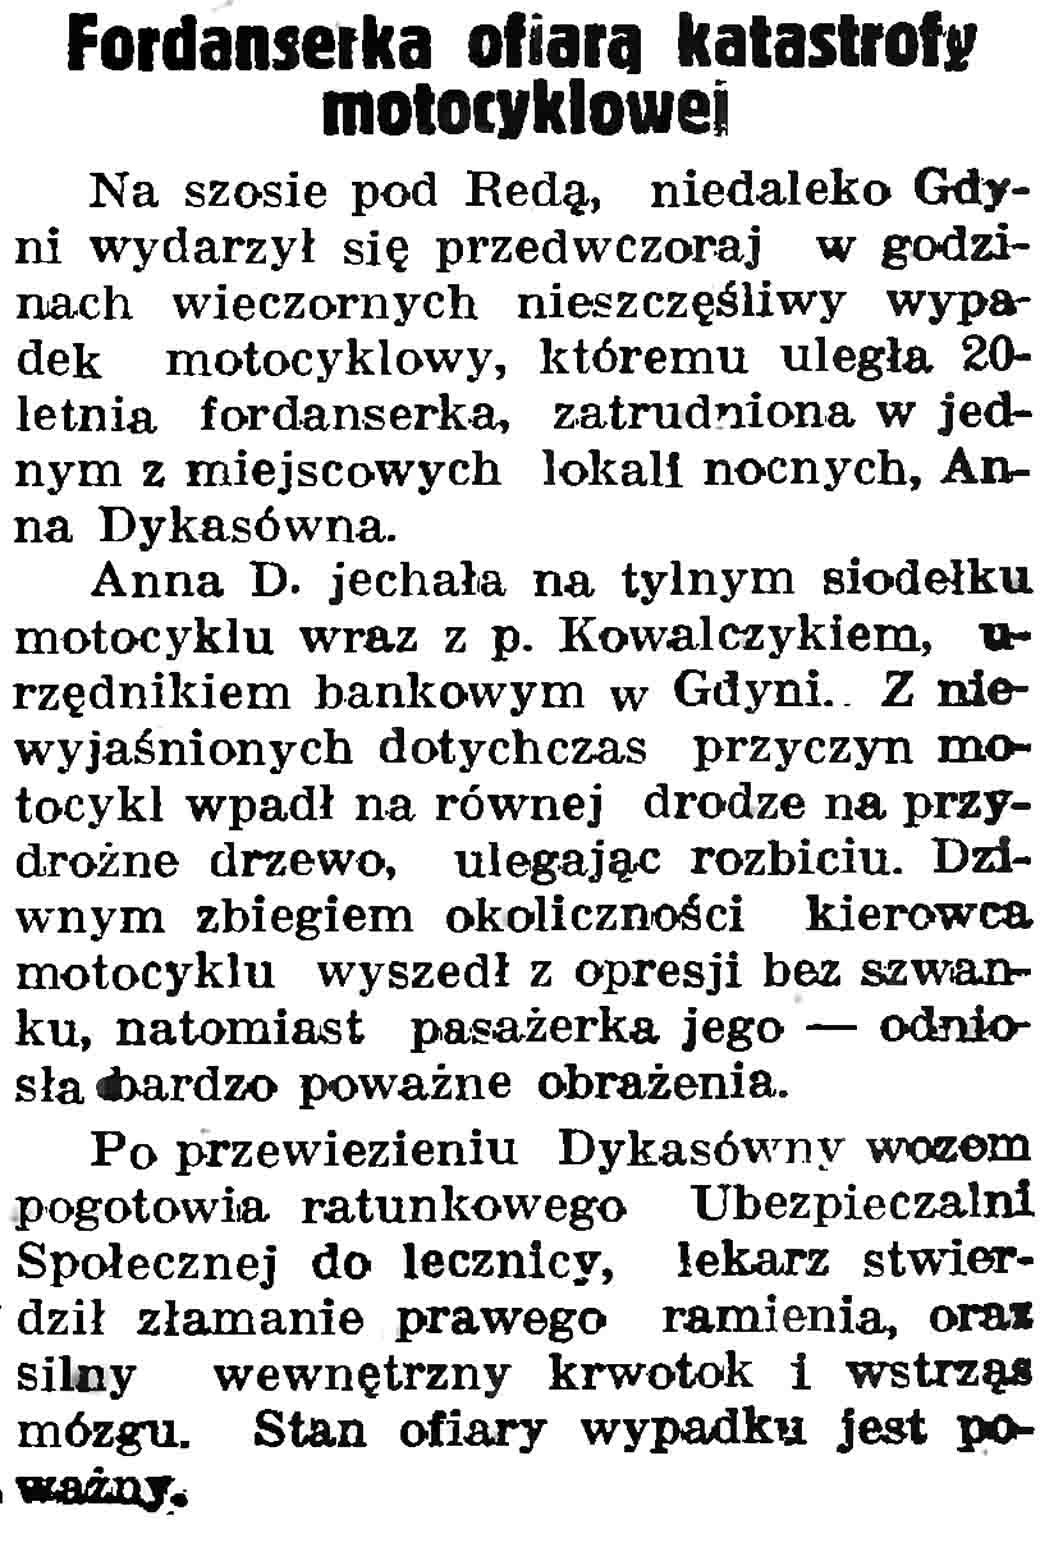 Fordanserka ofiarą katastrofy motocyklowej // Gazeta Gdańska. - 1937, nr 104, s. 6